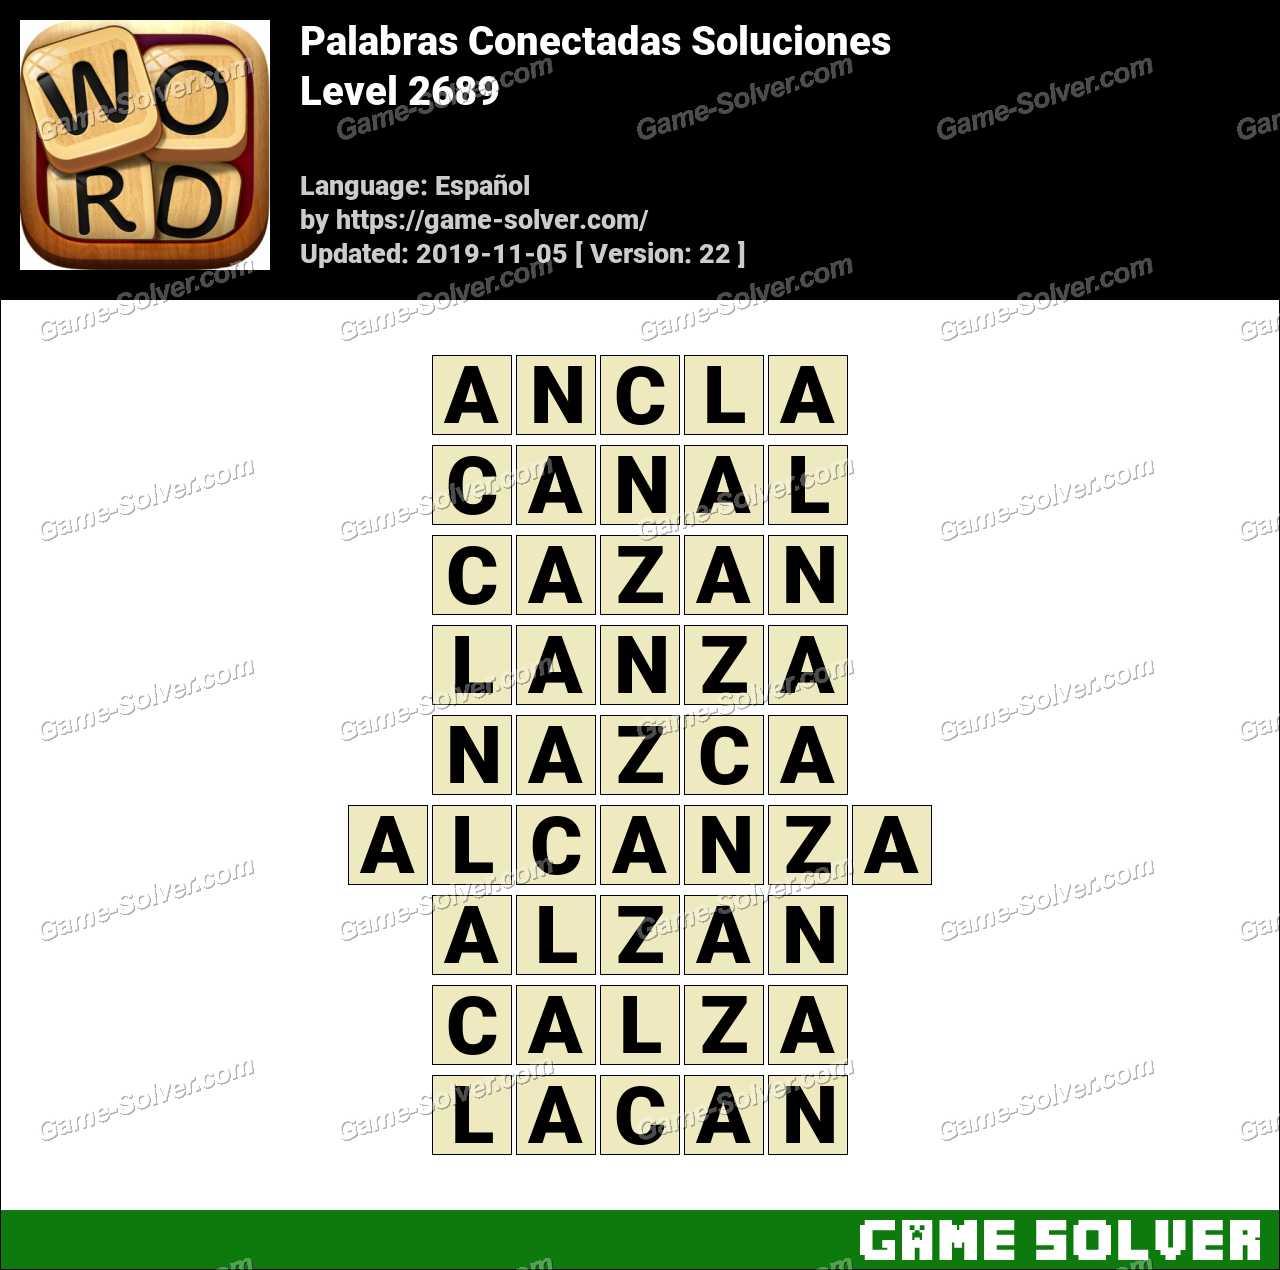 Palabras Conectadas Nivel 2689 Soluciones